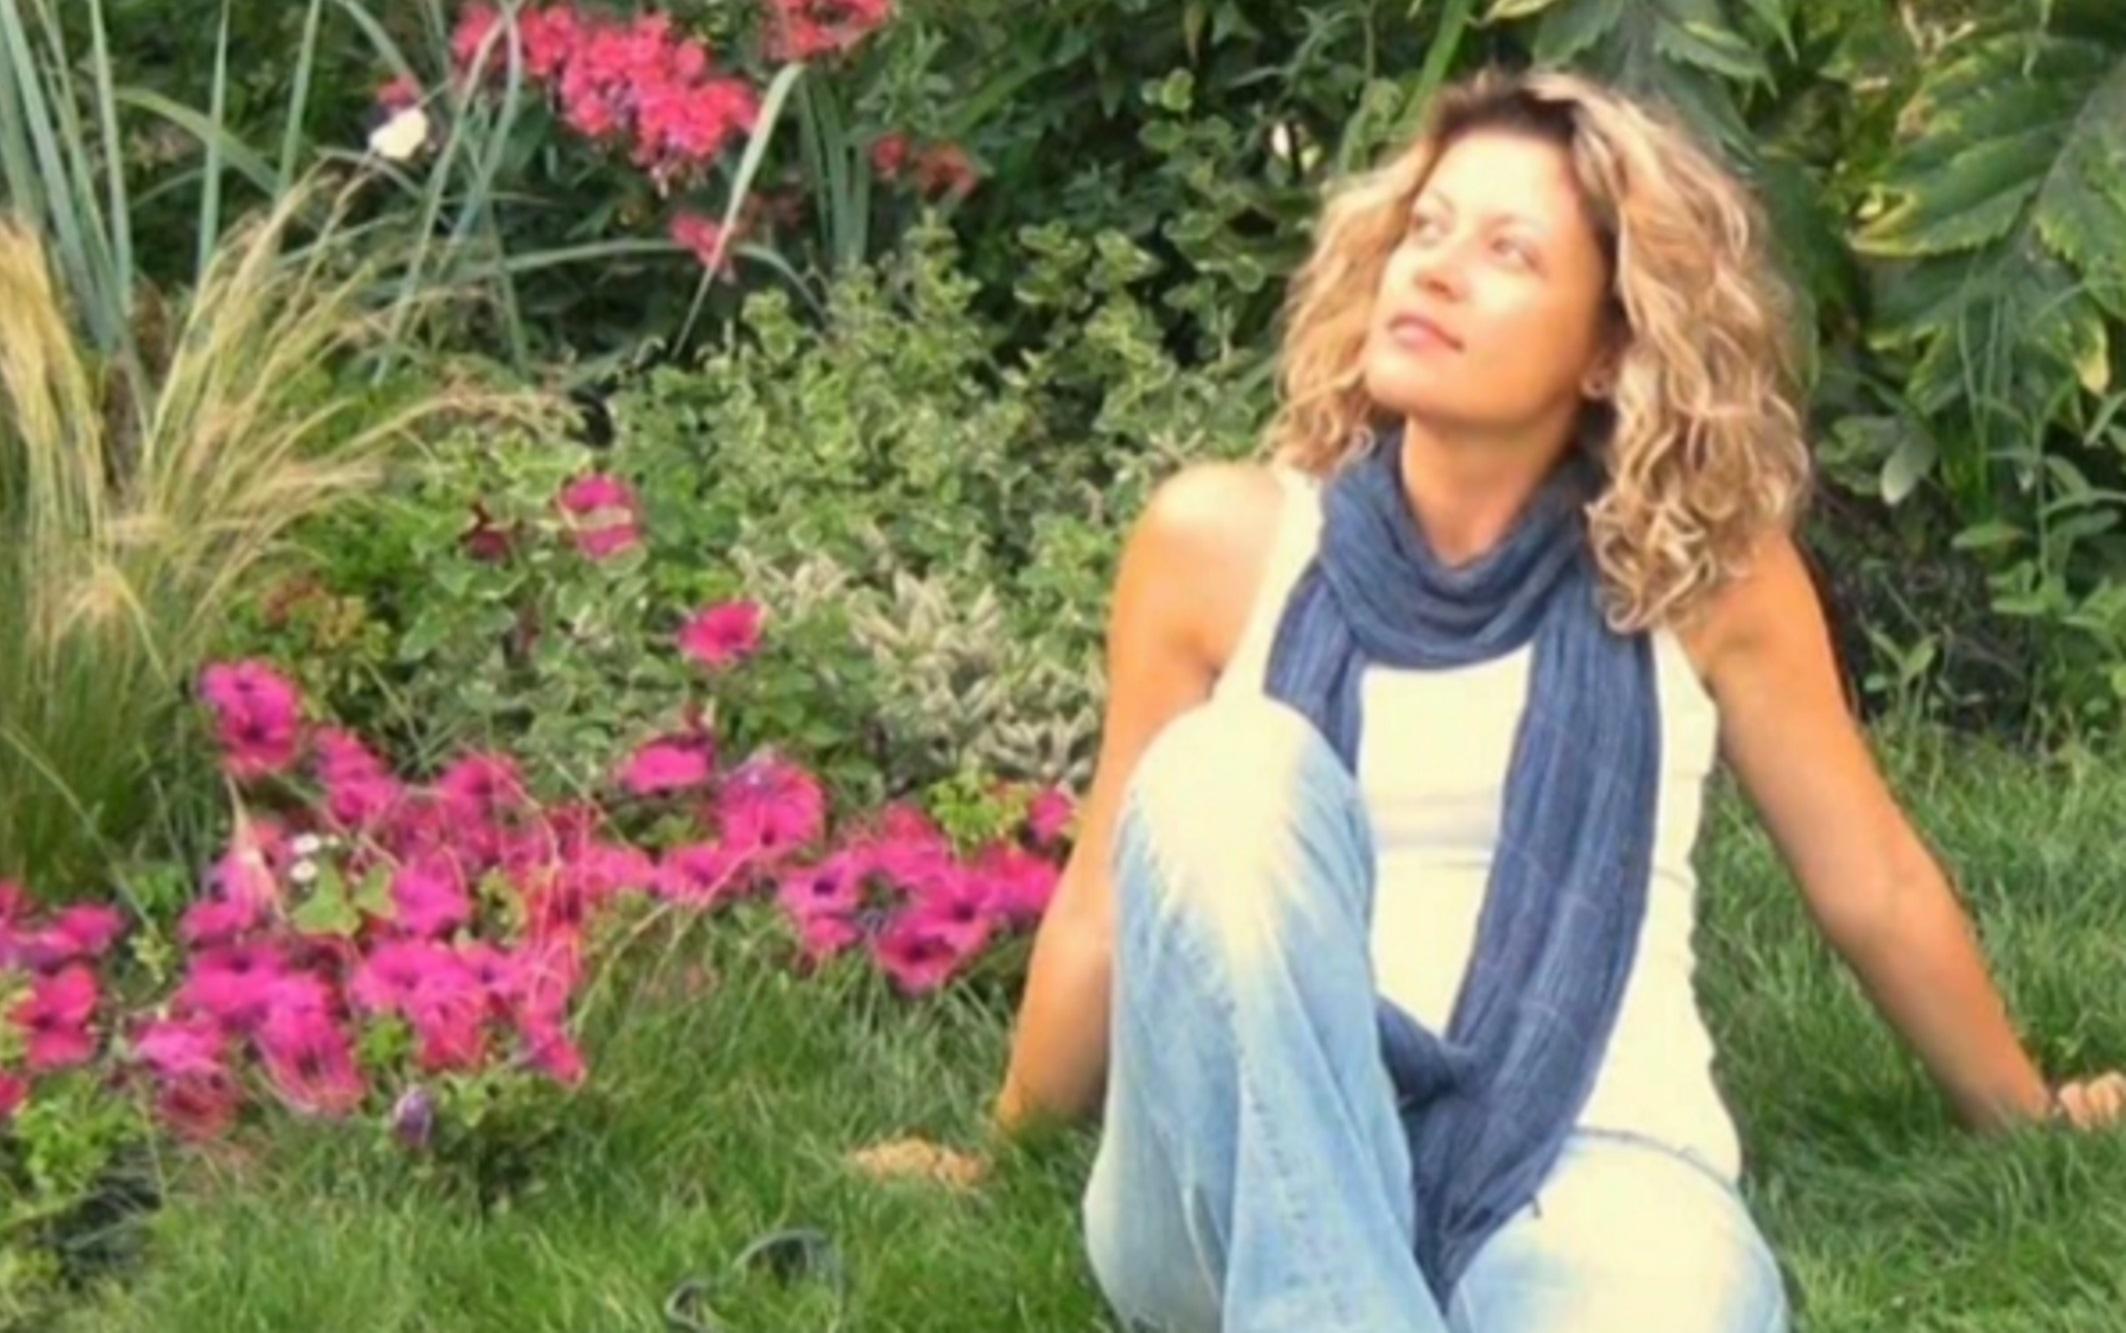 Ραγίζει καρδιές ο σύζυγος της εγκύου που πέθανε μαζί με το μωρό της: Έλεγε ότι πονάει στην κοιλιά κι εκείνοι… την εξέταζαν για ουρολοίμωξη